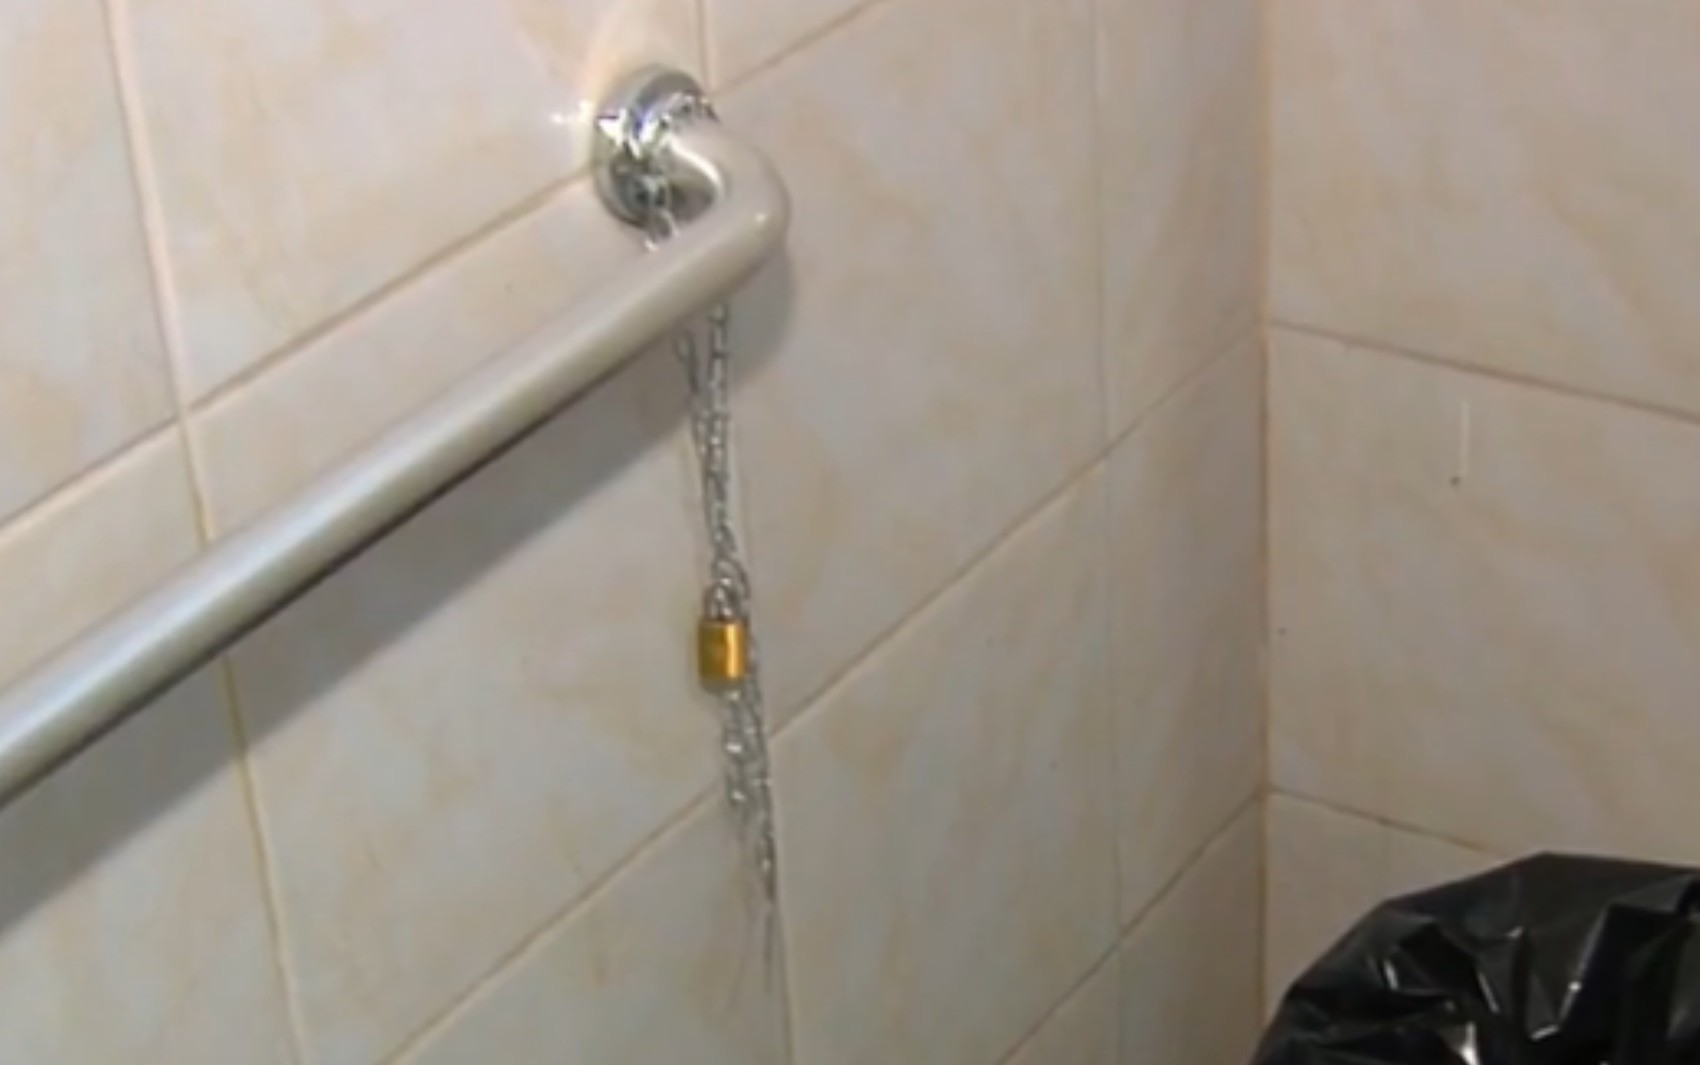 Abrigo é interditado após suspeita de dar comida estragada e acorrentar idosos em Aparecida de Goiânia